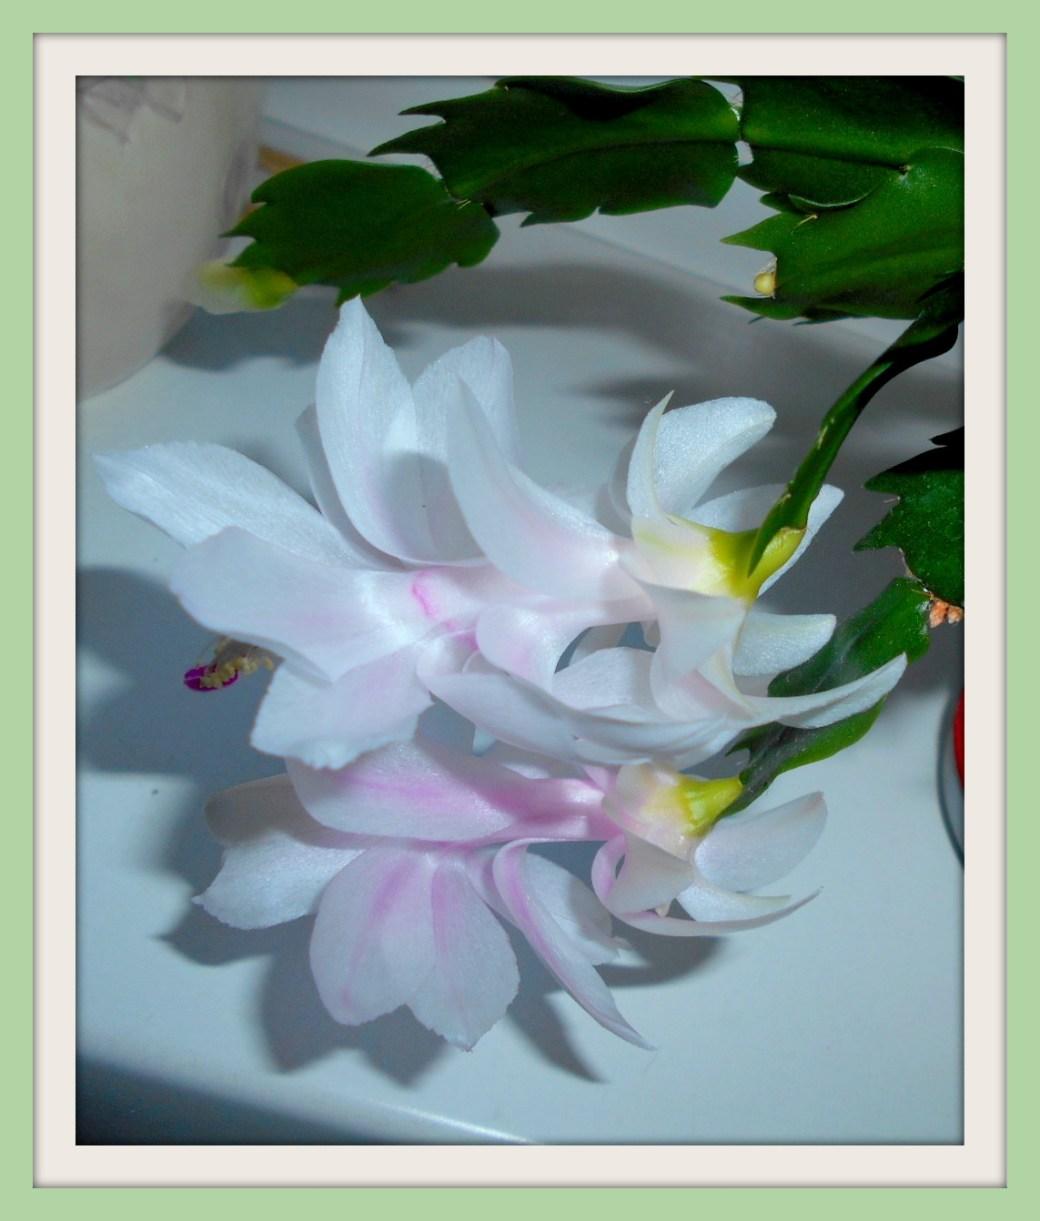 Kakteenblüte im Rahmen